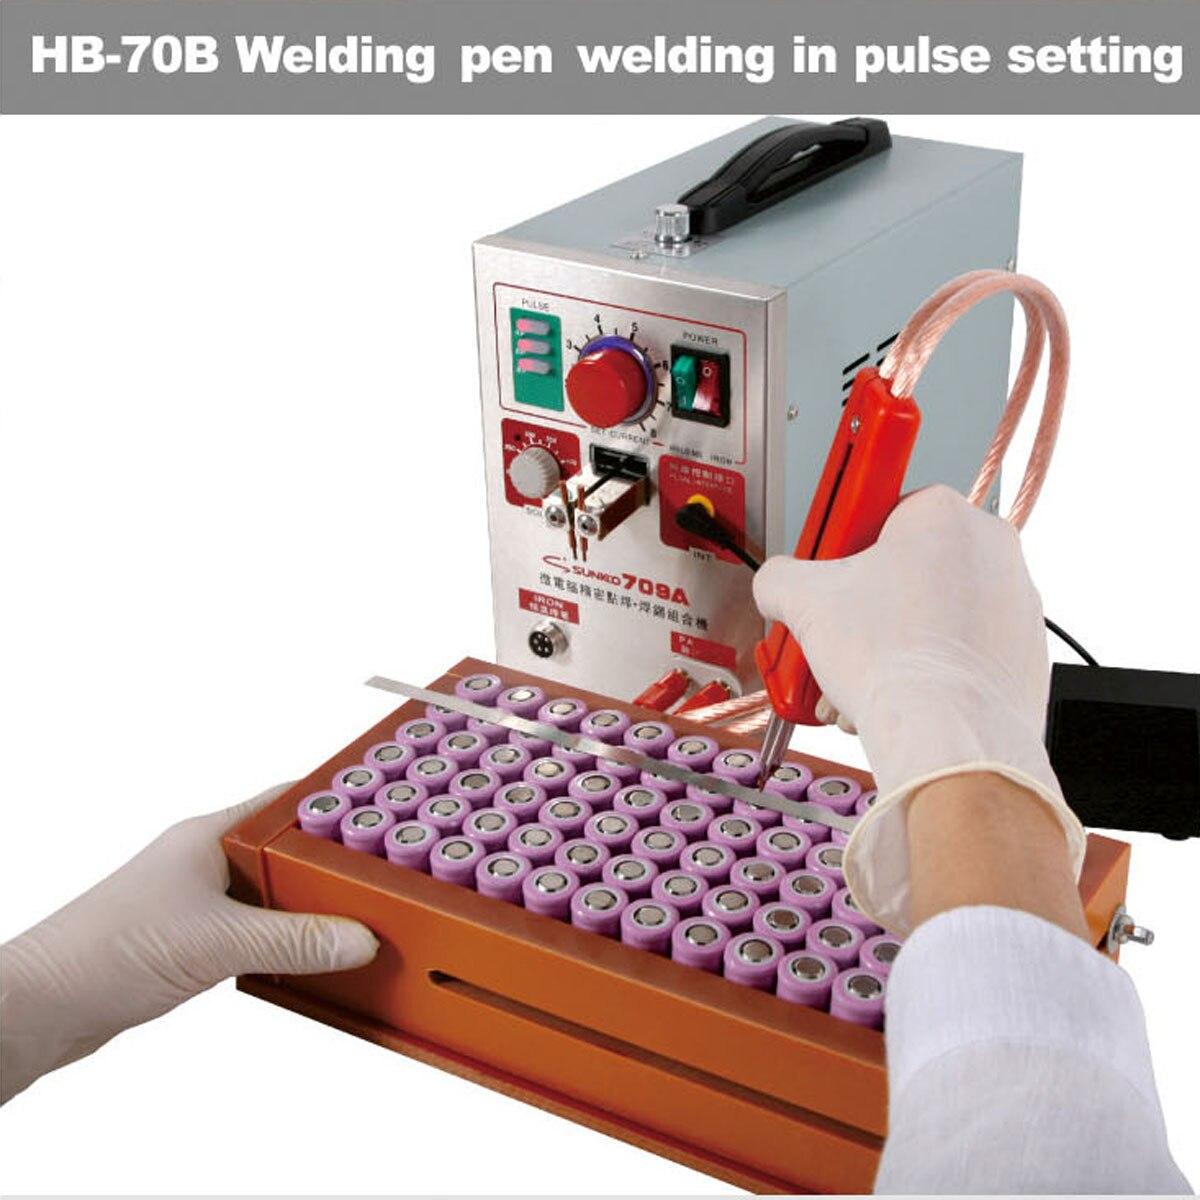 220 V 50Hz Spot Wel der Eu Plug 709A 1.9KW soudeurs par points 2/4/6/8 Machine de soudage par points pour 18650 batterie Pack Circuit imprimé soudure